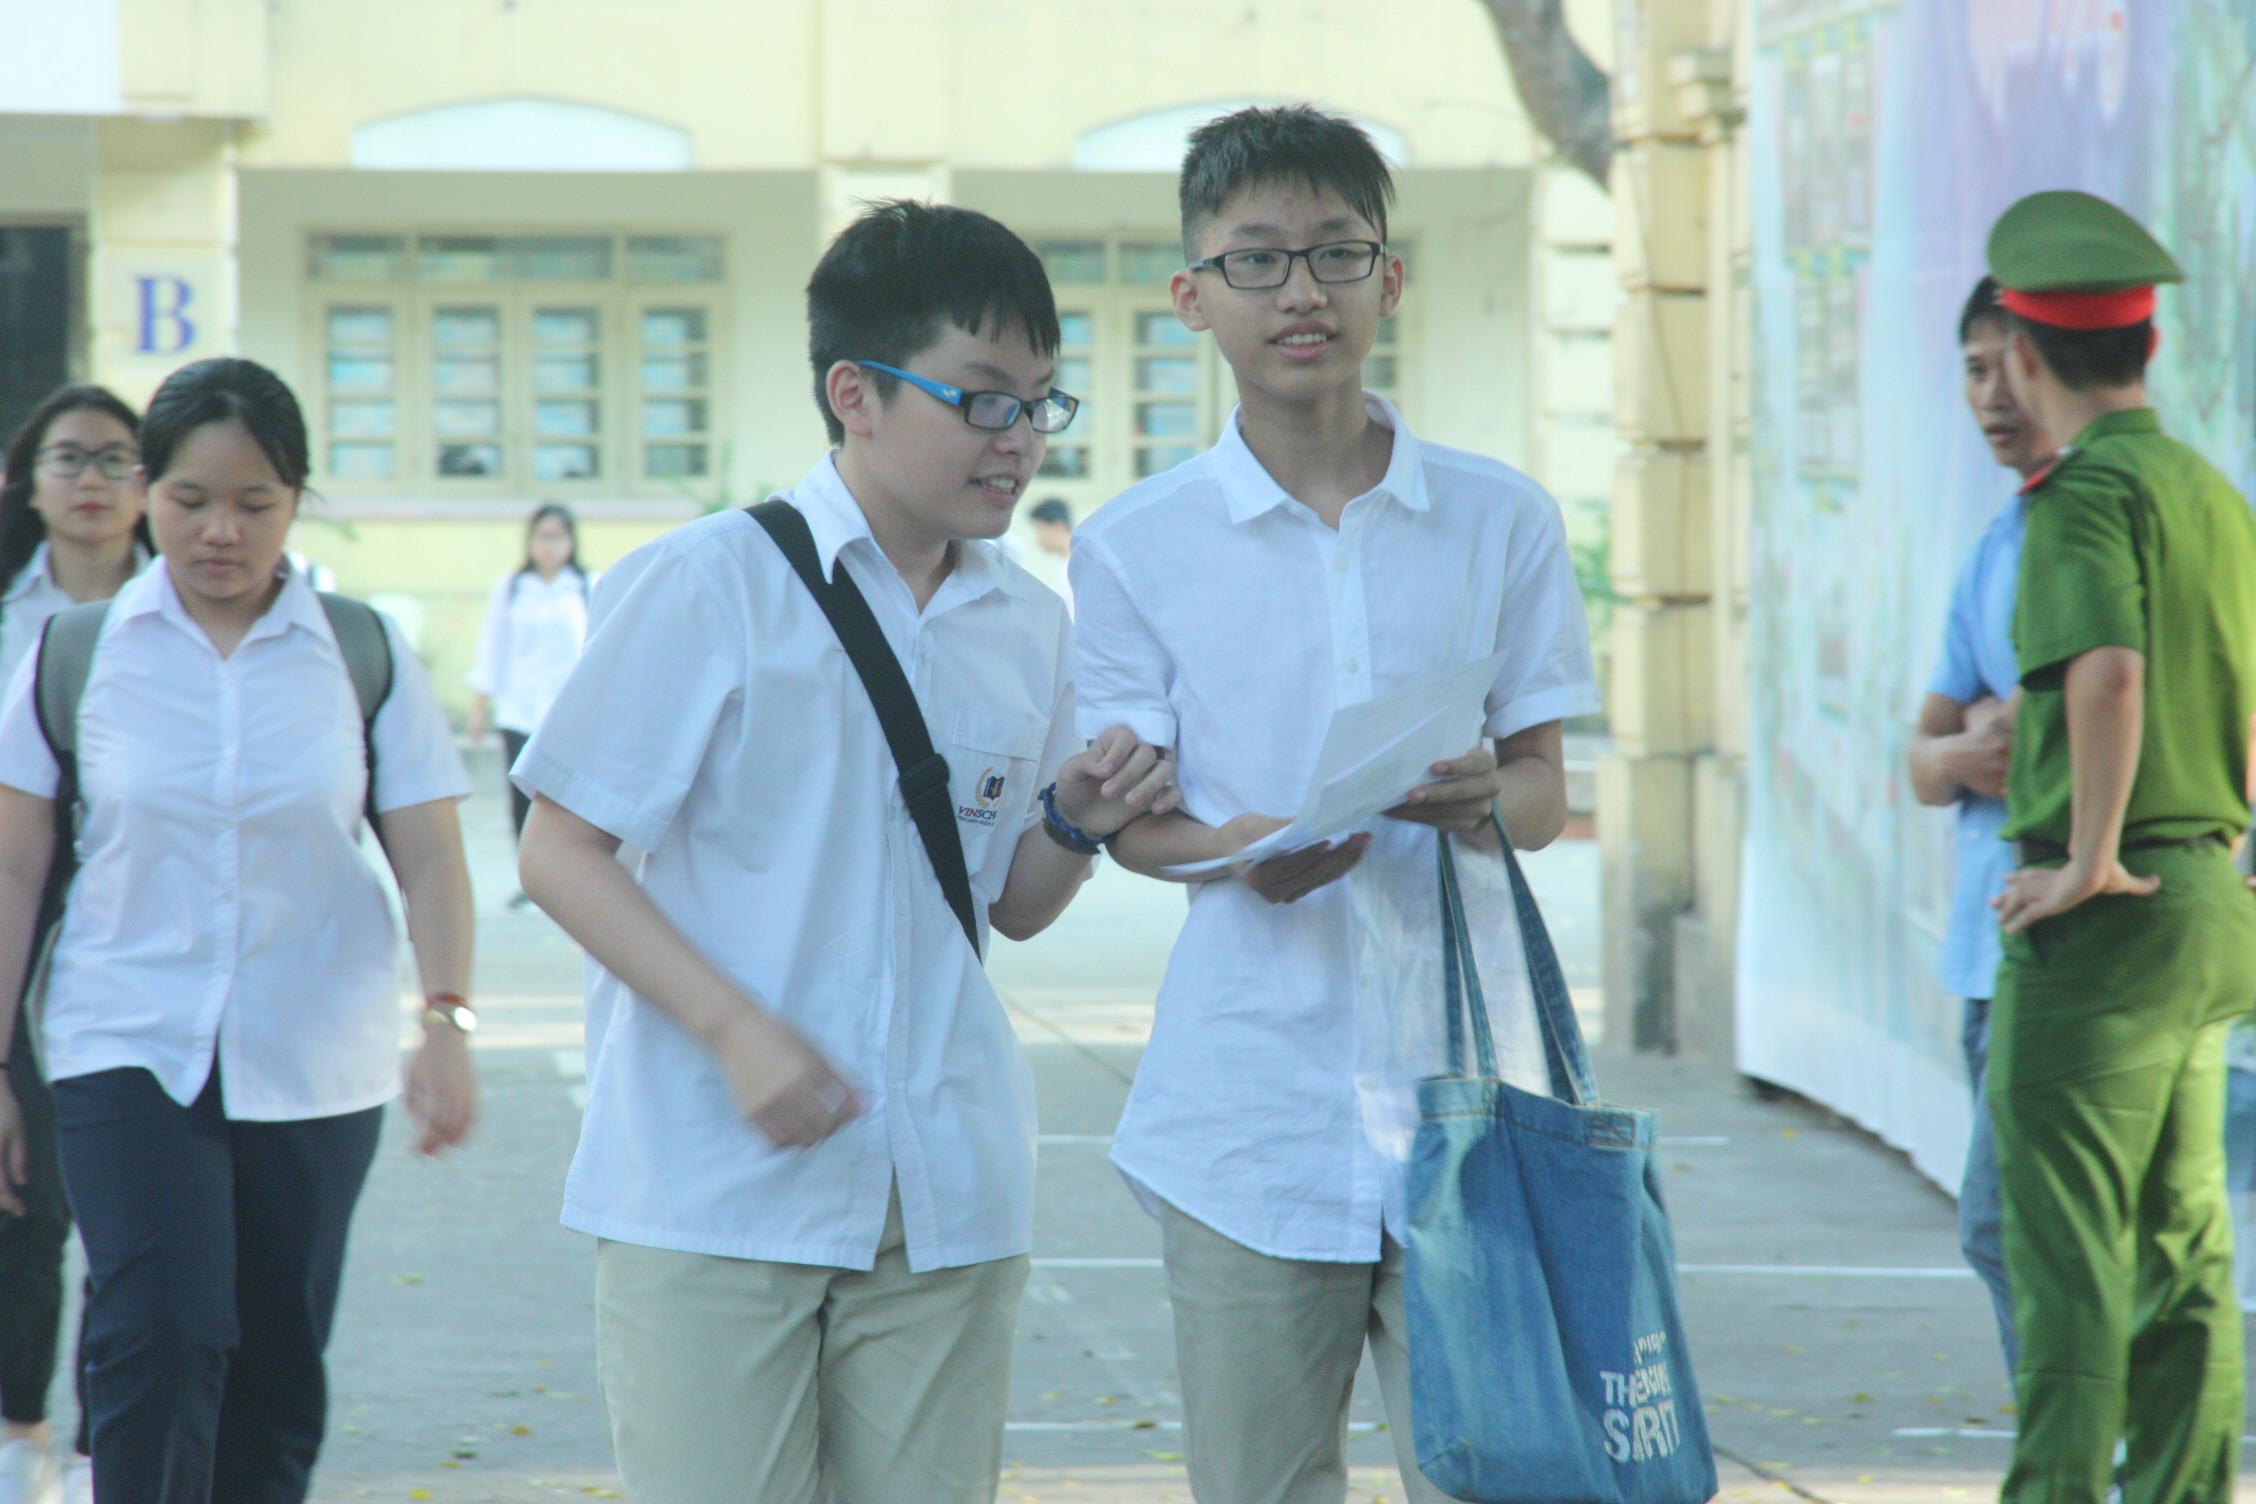 Hà Nội dự kiến tuyển 62 học sinh vào lớp 10 trường công năm học 2020 - 2021